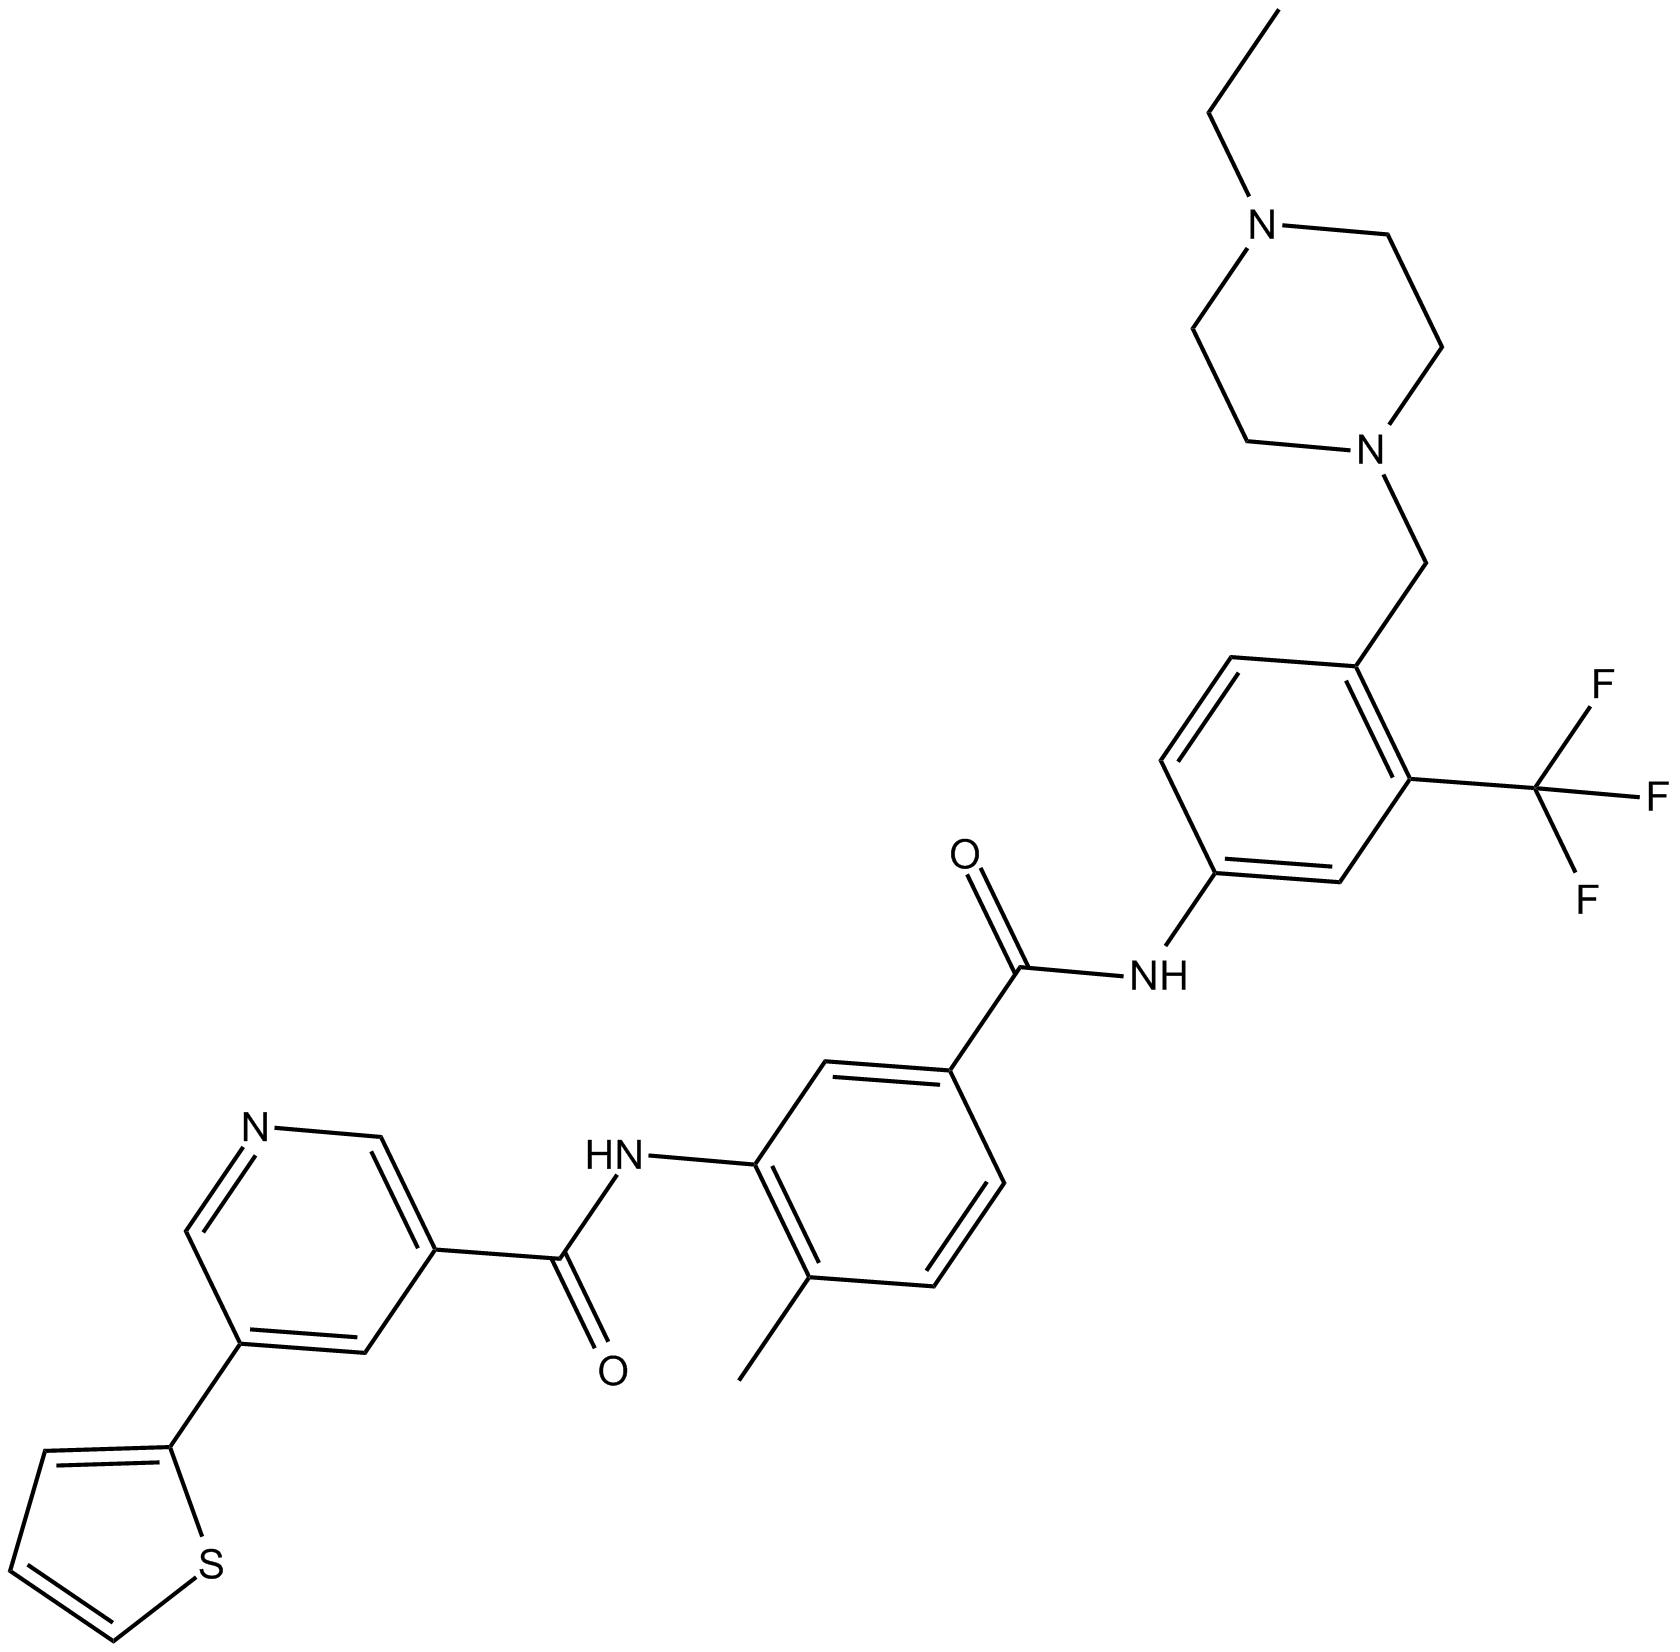 ALW-II-41-27